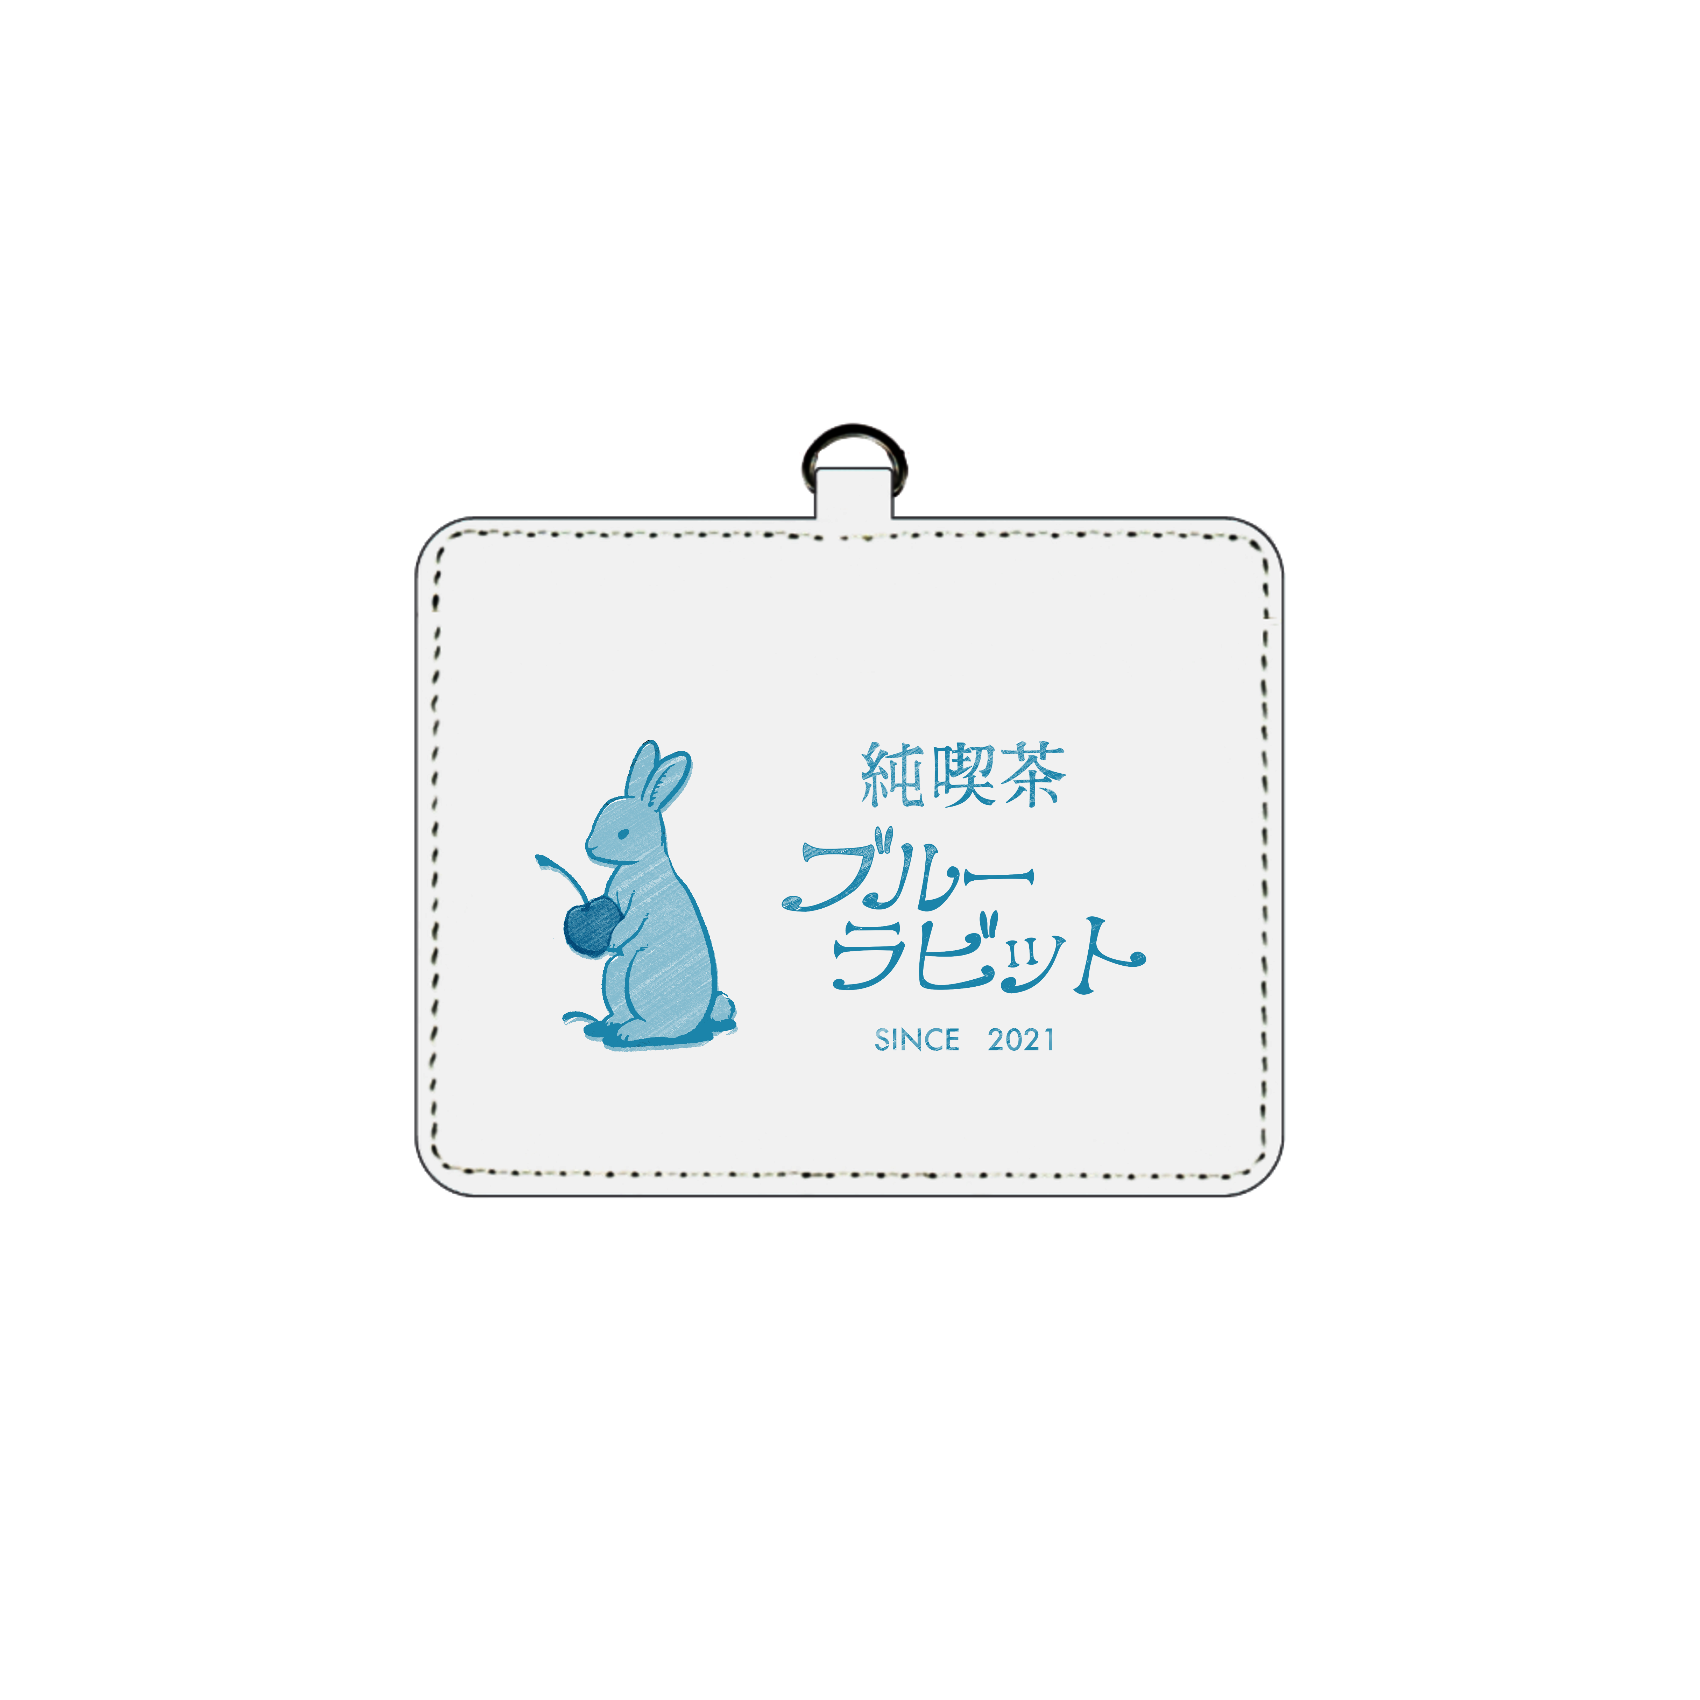 純喫茶ブルーラビット ロゴ(横タイプ)パスケース パスケース